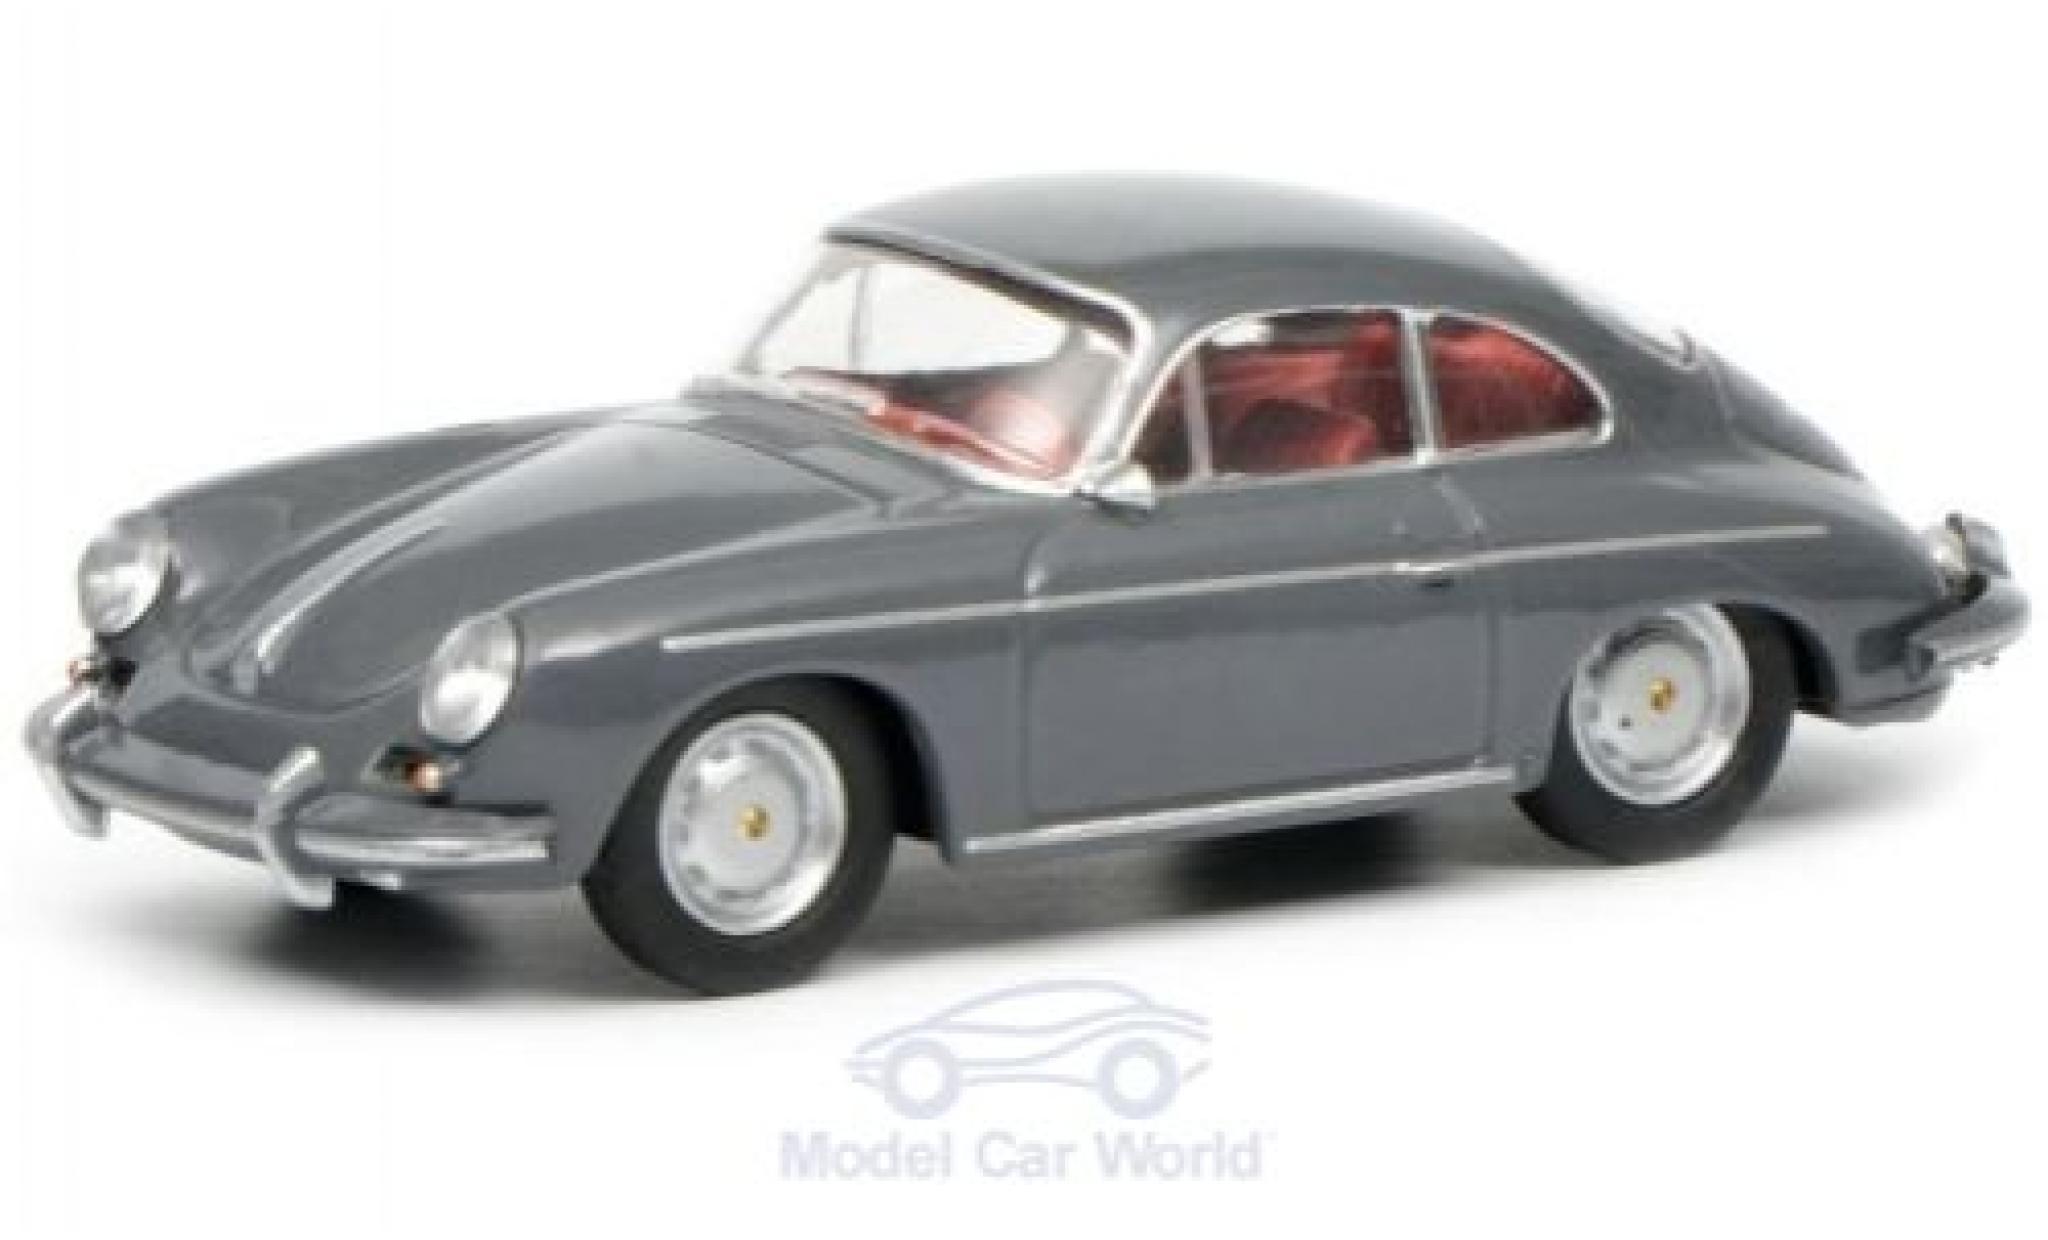 Porsche 356 1/64 Schuco Coupe grau